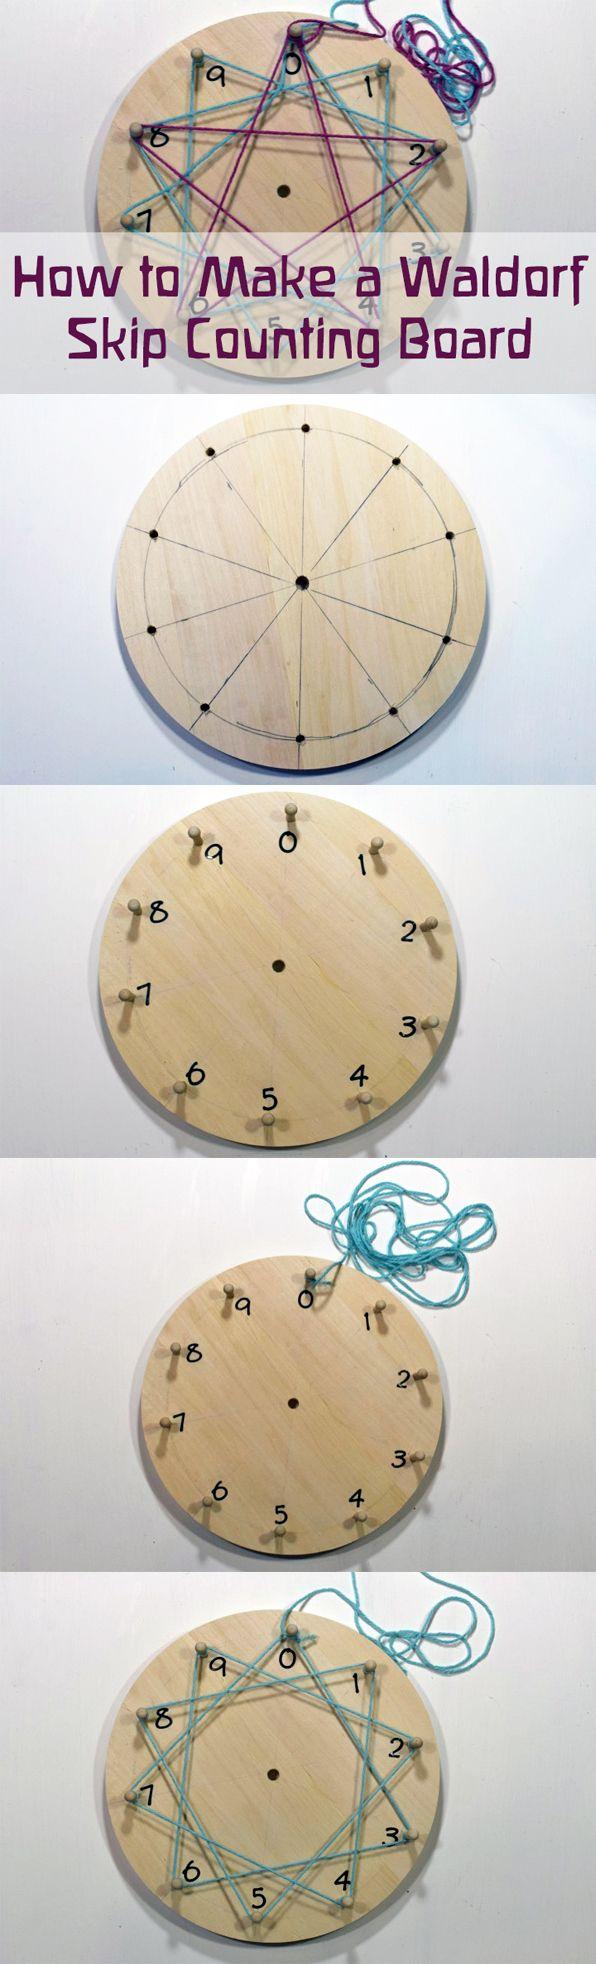 Cómo fabricar un tablero de multiplicaciones Waldorf